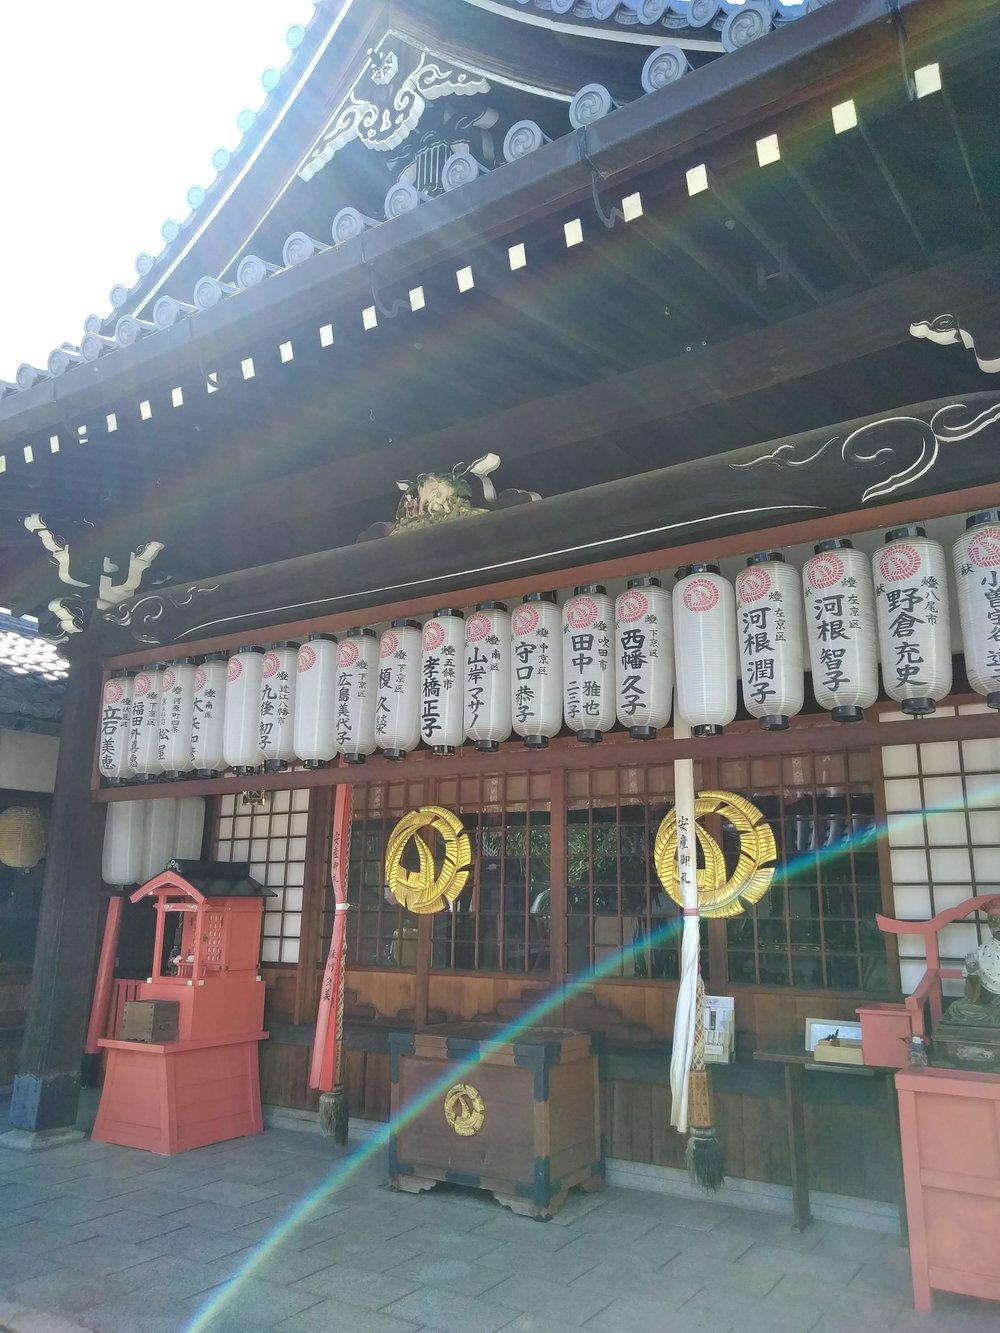 Awashimado